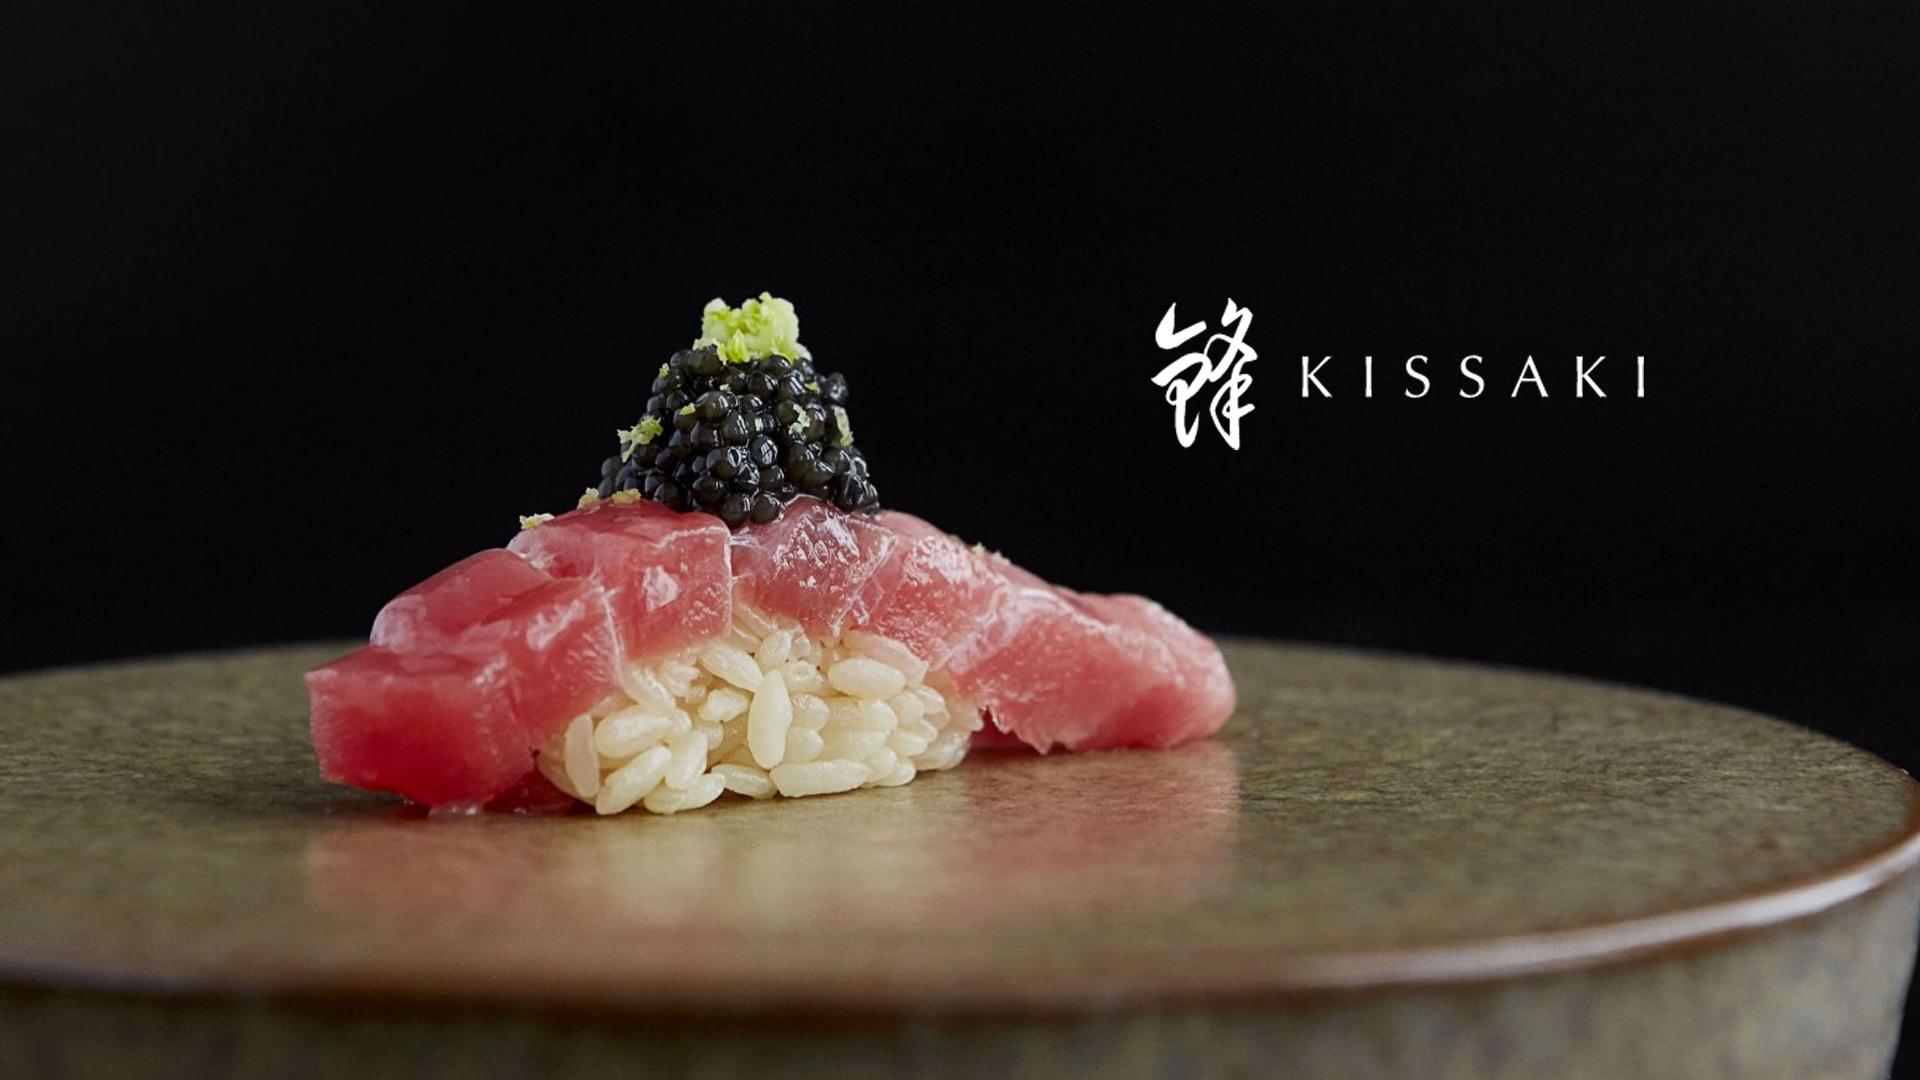 Kissaki